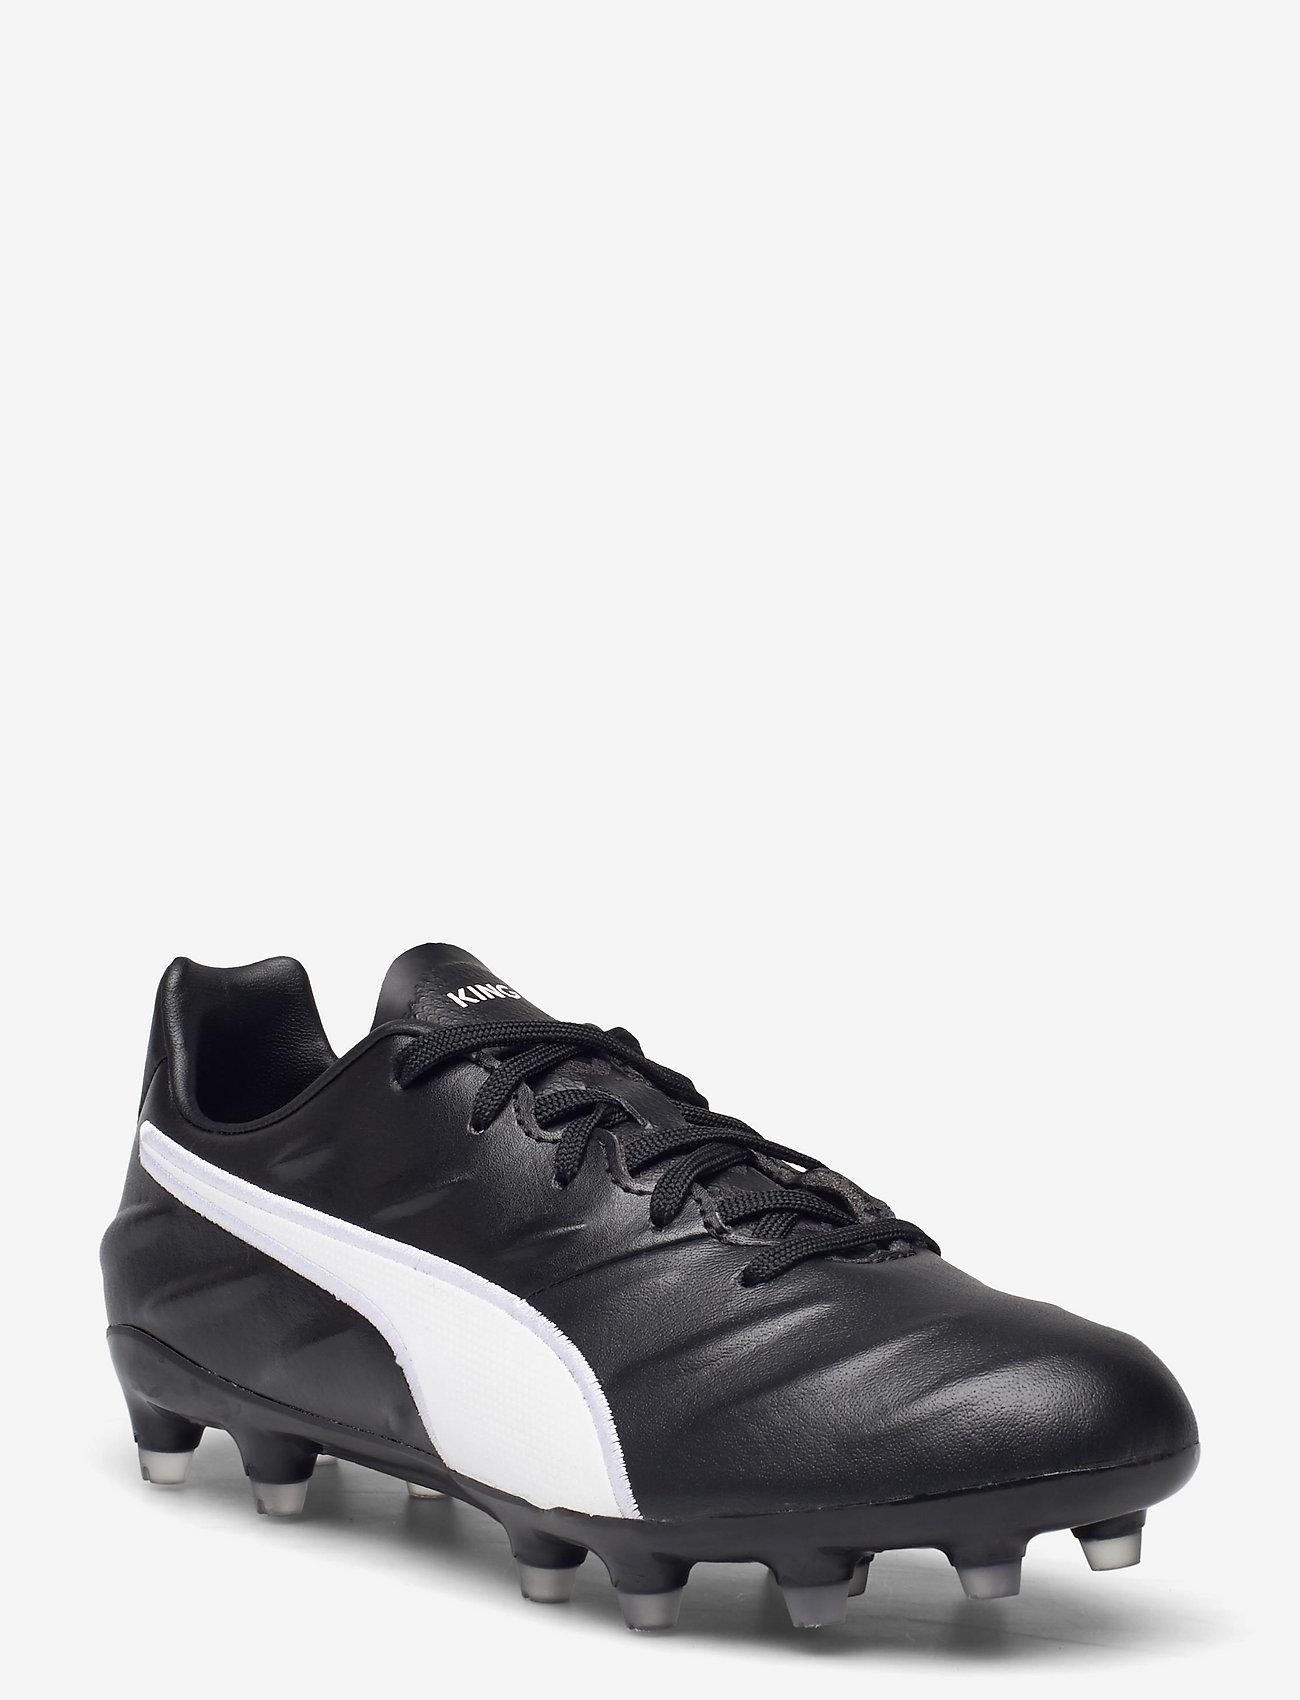 PUMA King Pro 21 Fg - Sport shoes | Boozt.com